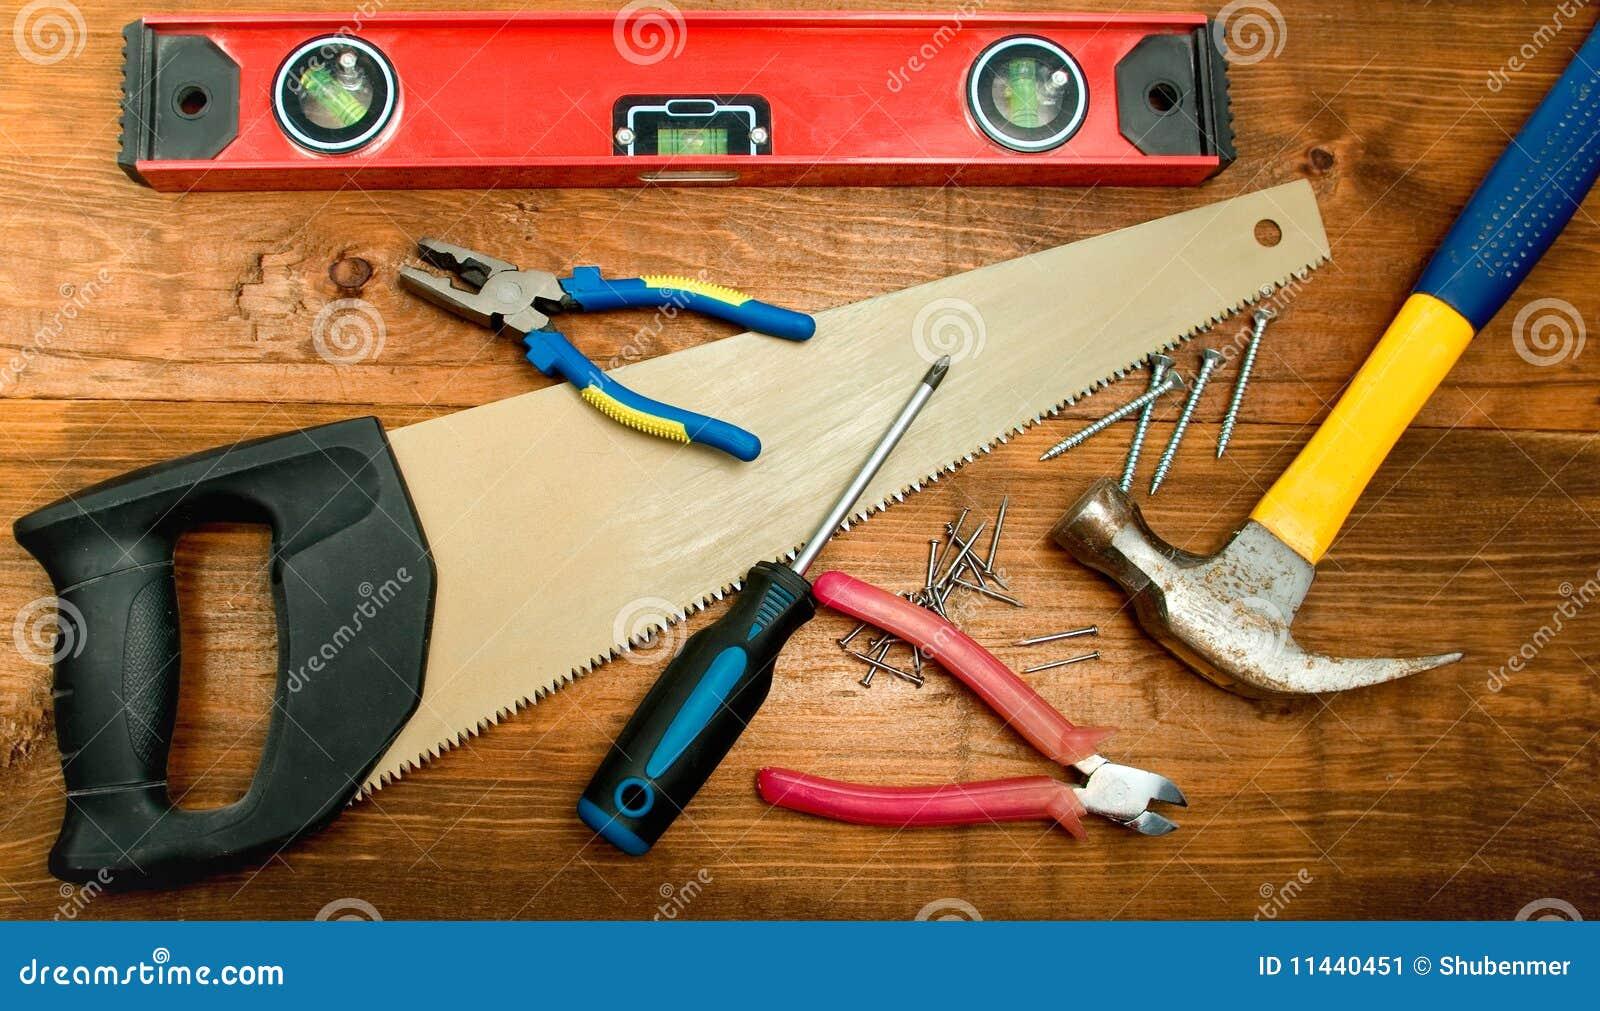 Juego de herramientas del carpintero imagen de archivo - Herramientas de carpinteria nombres ...